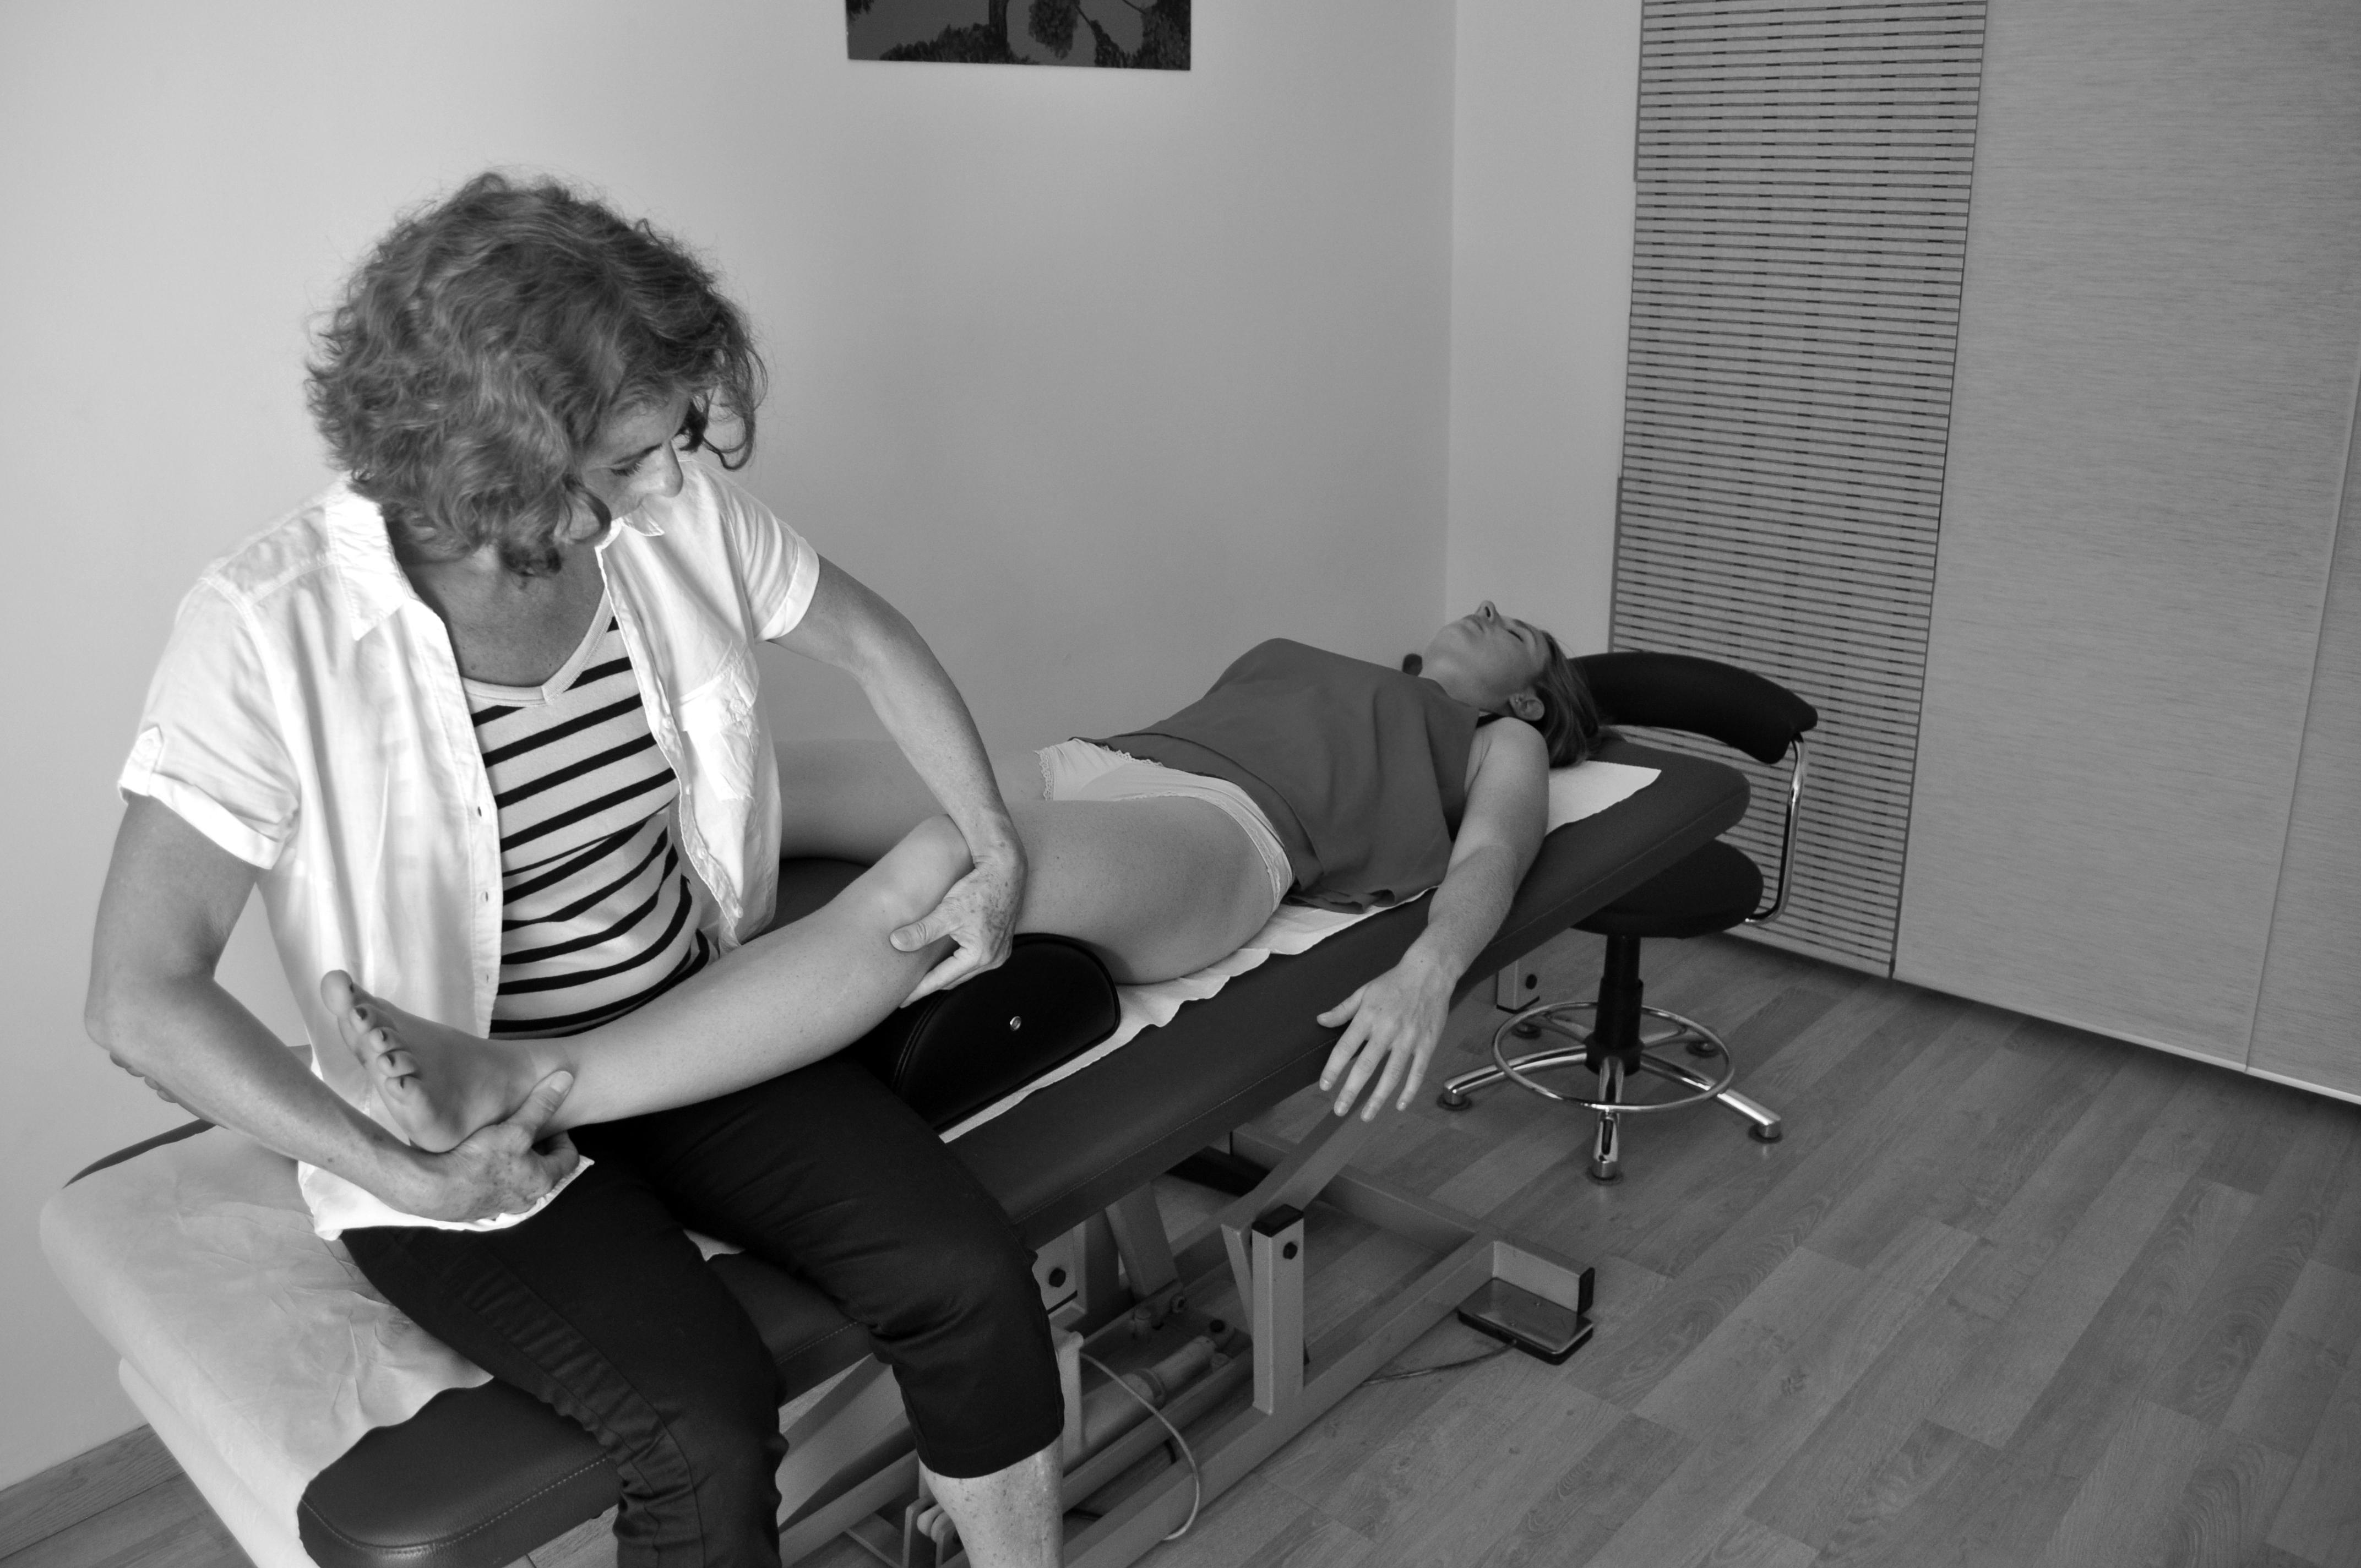 Séance d'ostéopathie au cabinet pour douleurs jambes